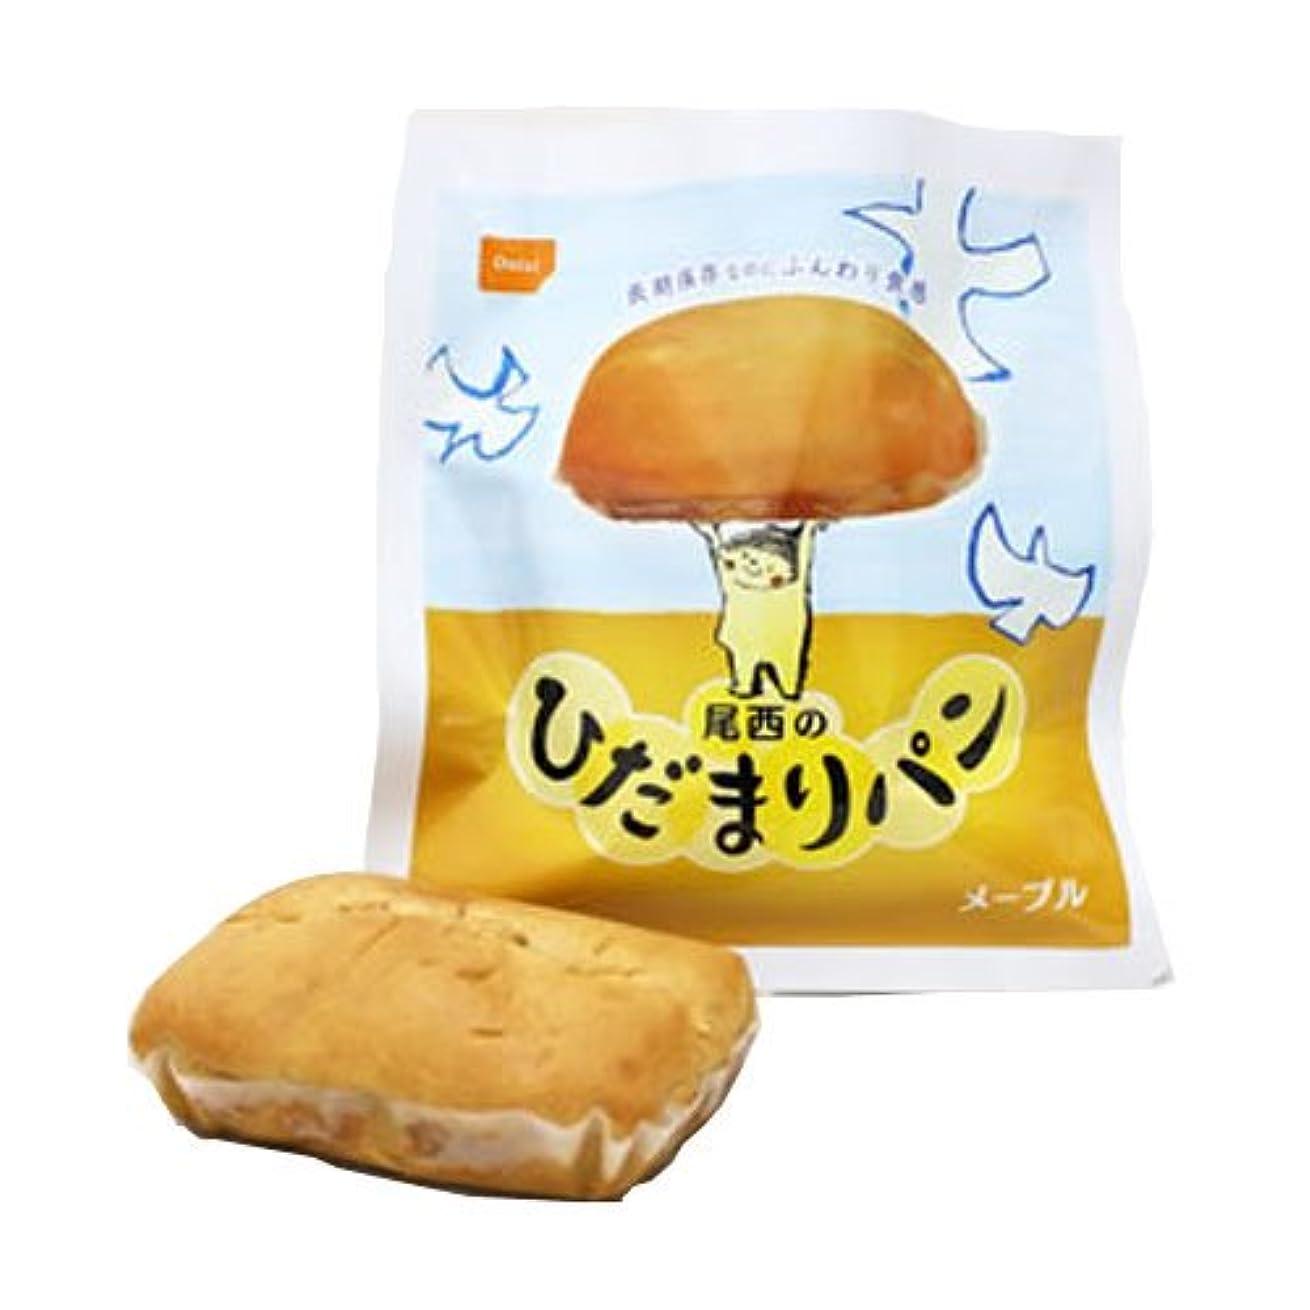 地中海ミュート受益者尾西食品 非常用保存食 尾西のひだまりパン メープル